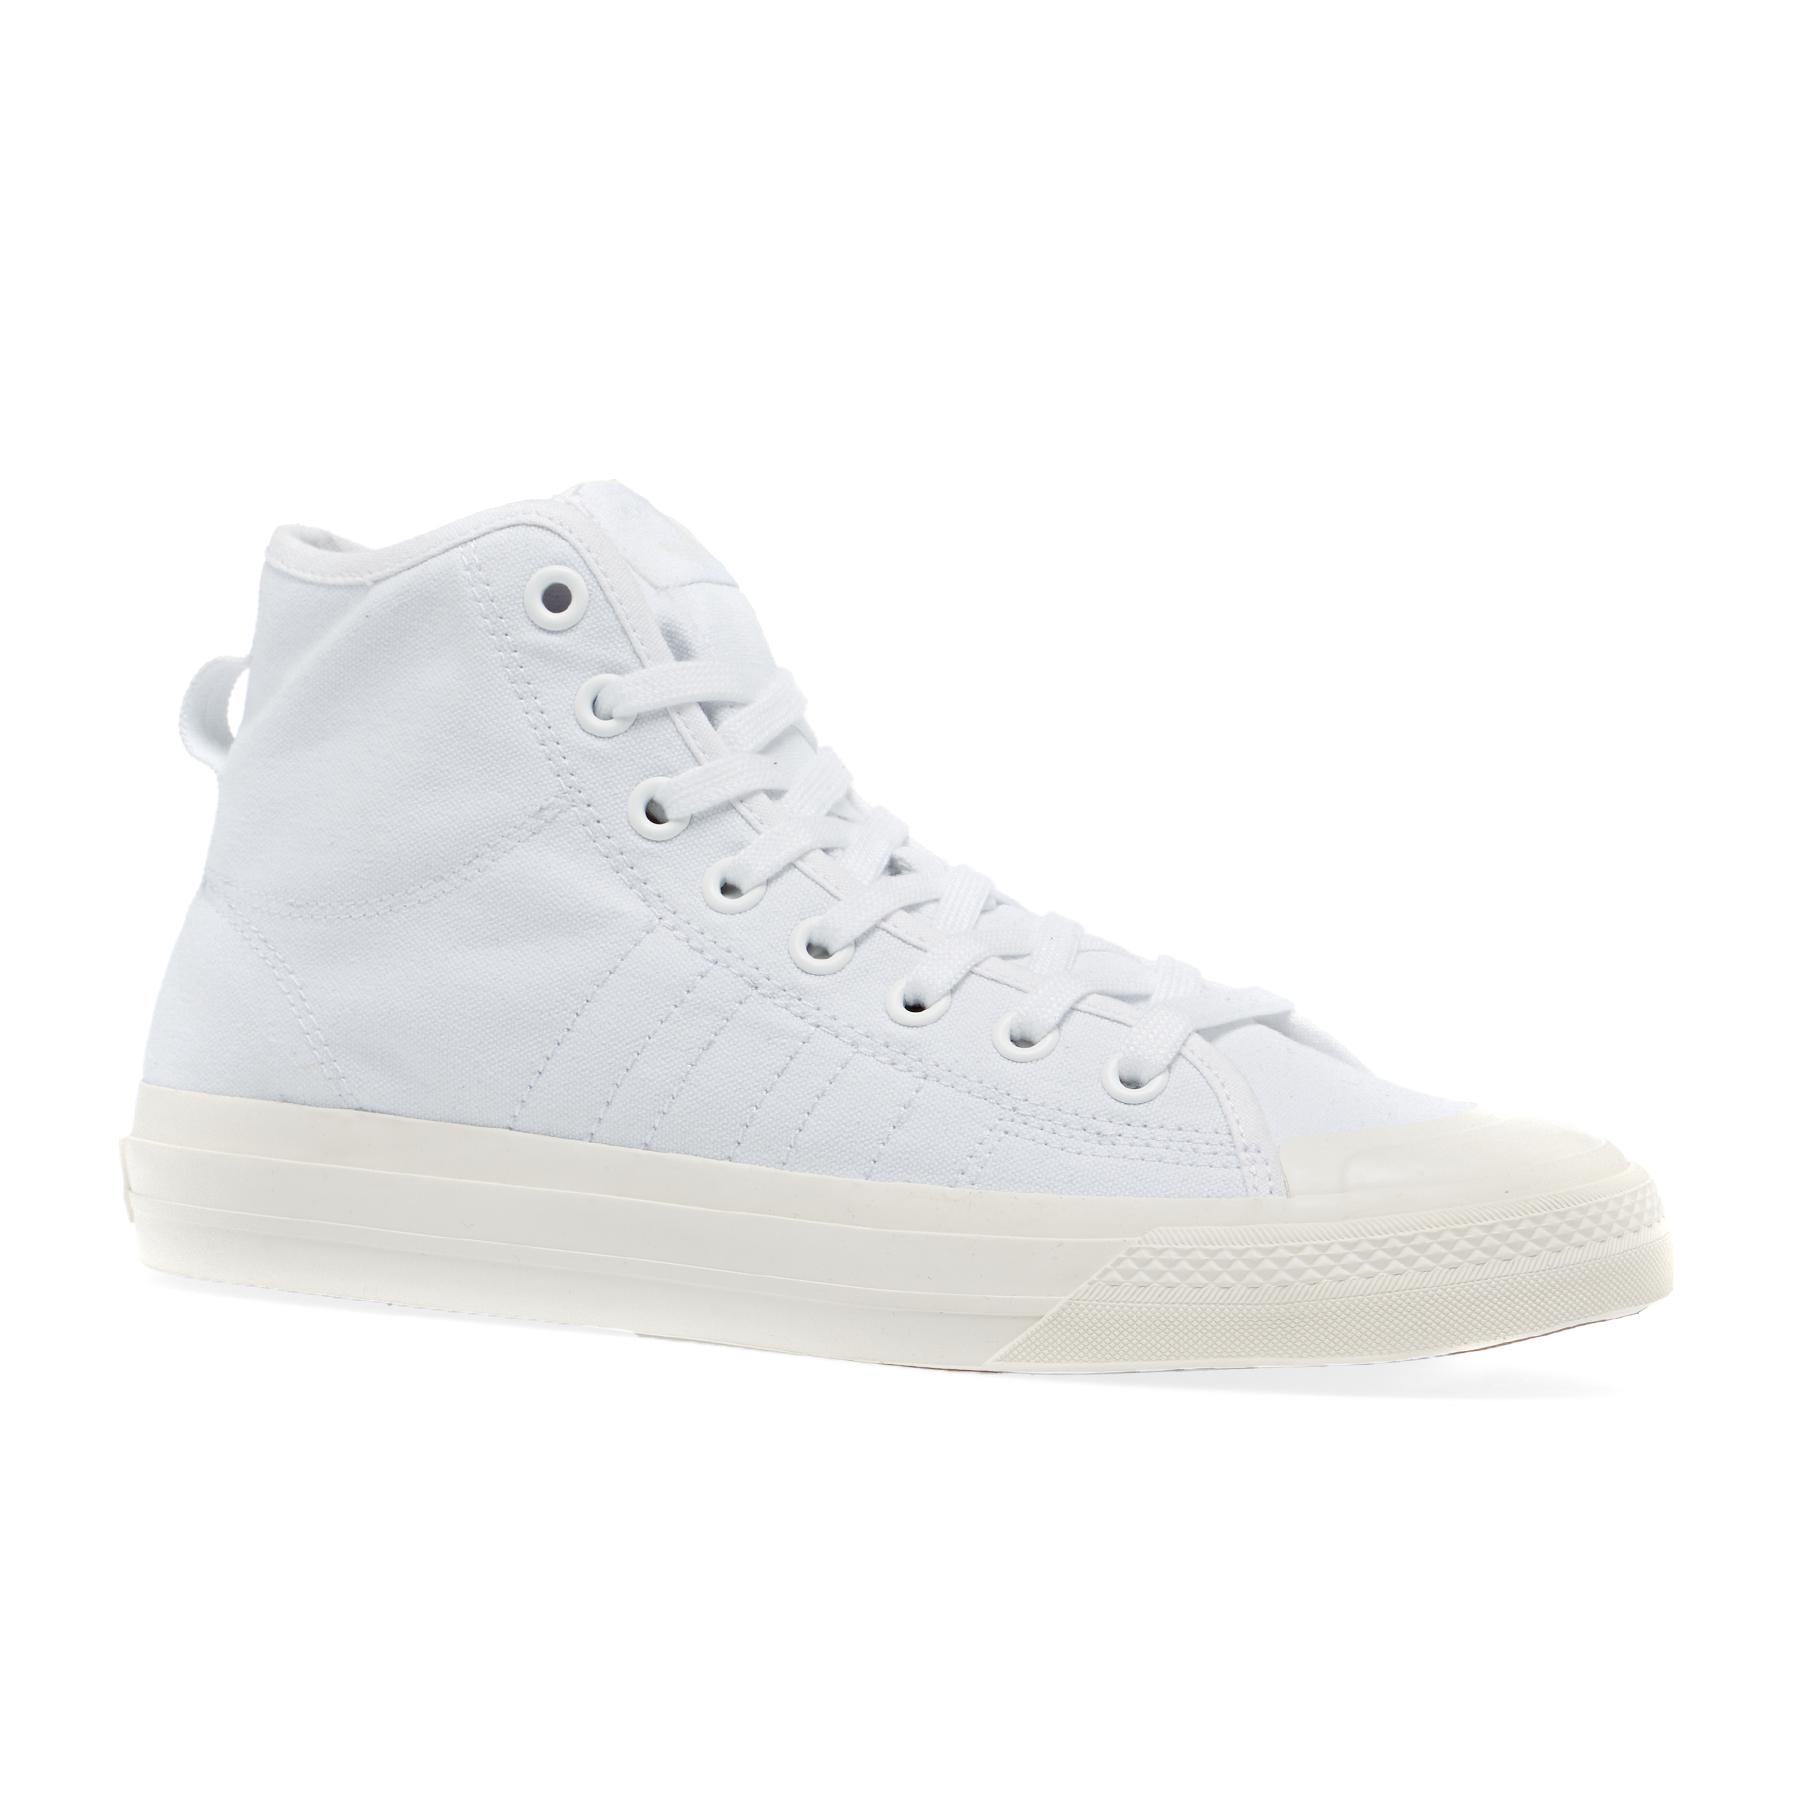 Adidas Gazelle Ecru Tint Core White Ftw White